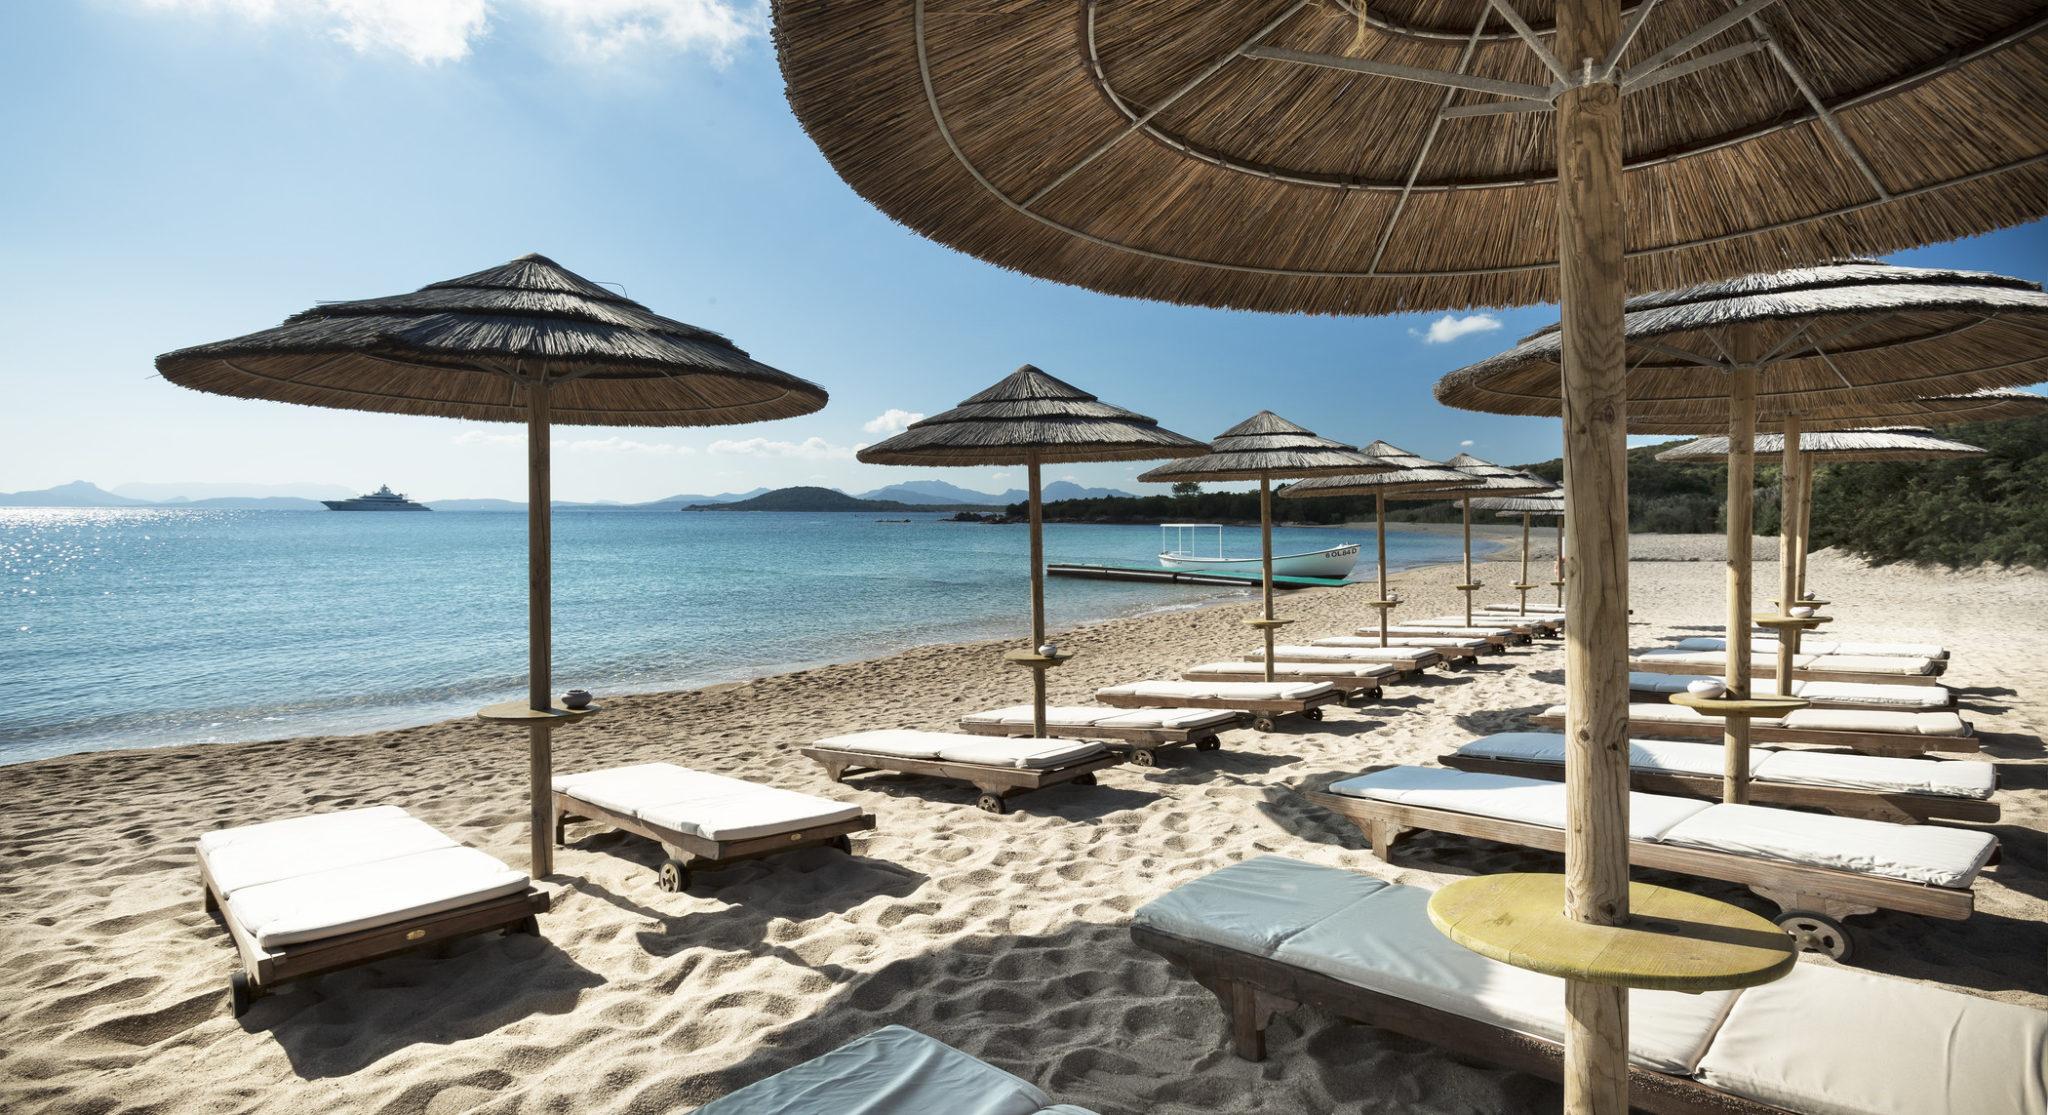 Di lusso e sostenibile: i due volti del turismo che faranno crescere la Sardegna